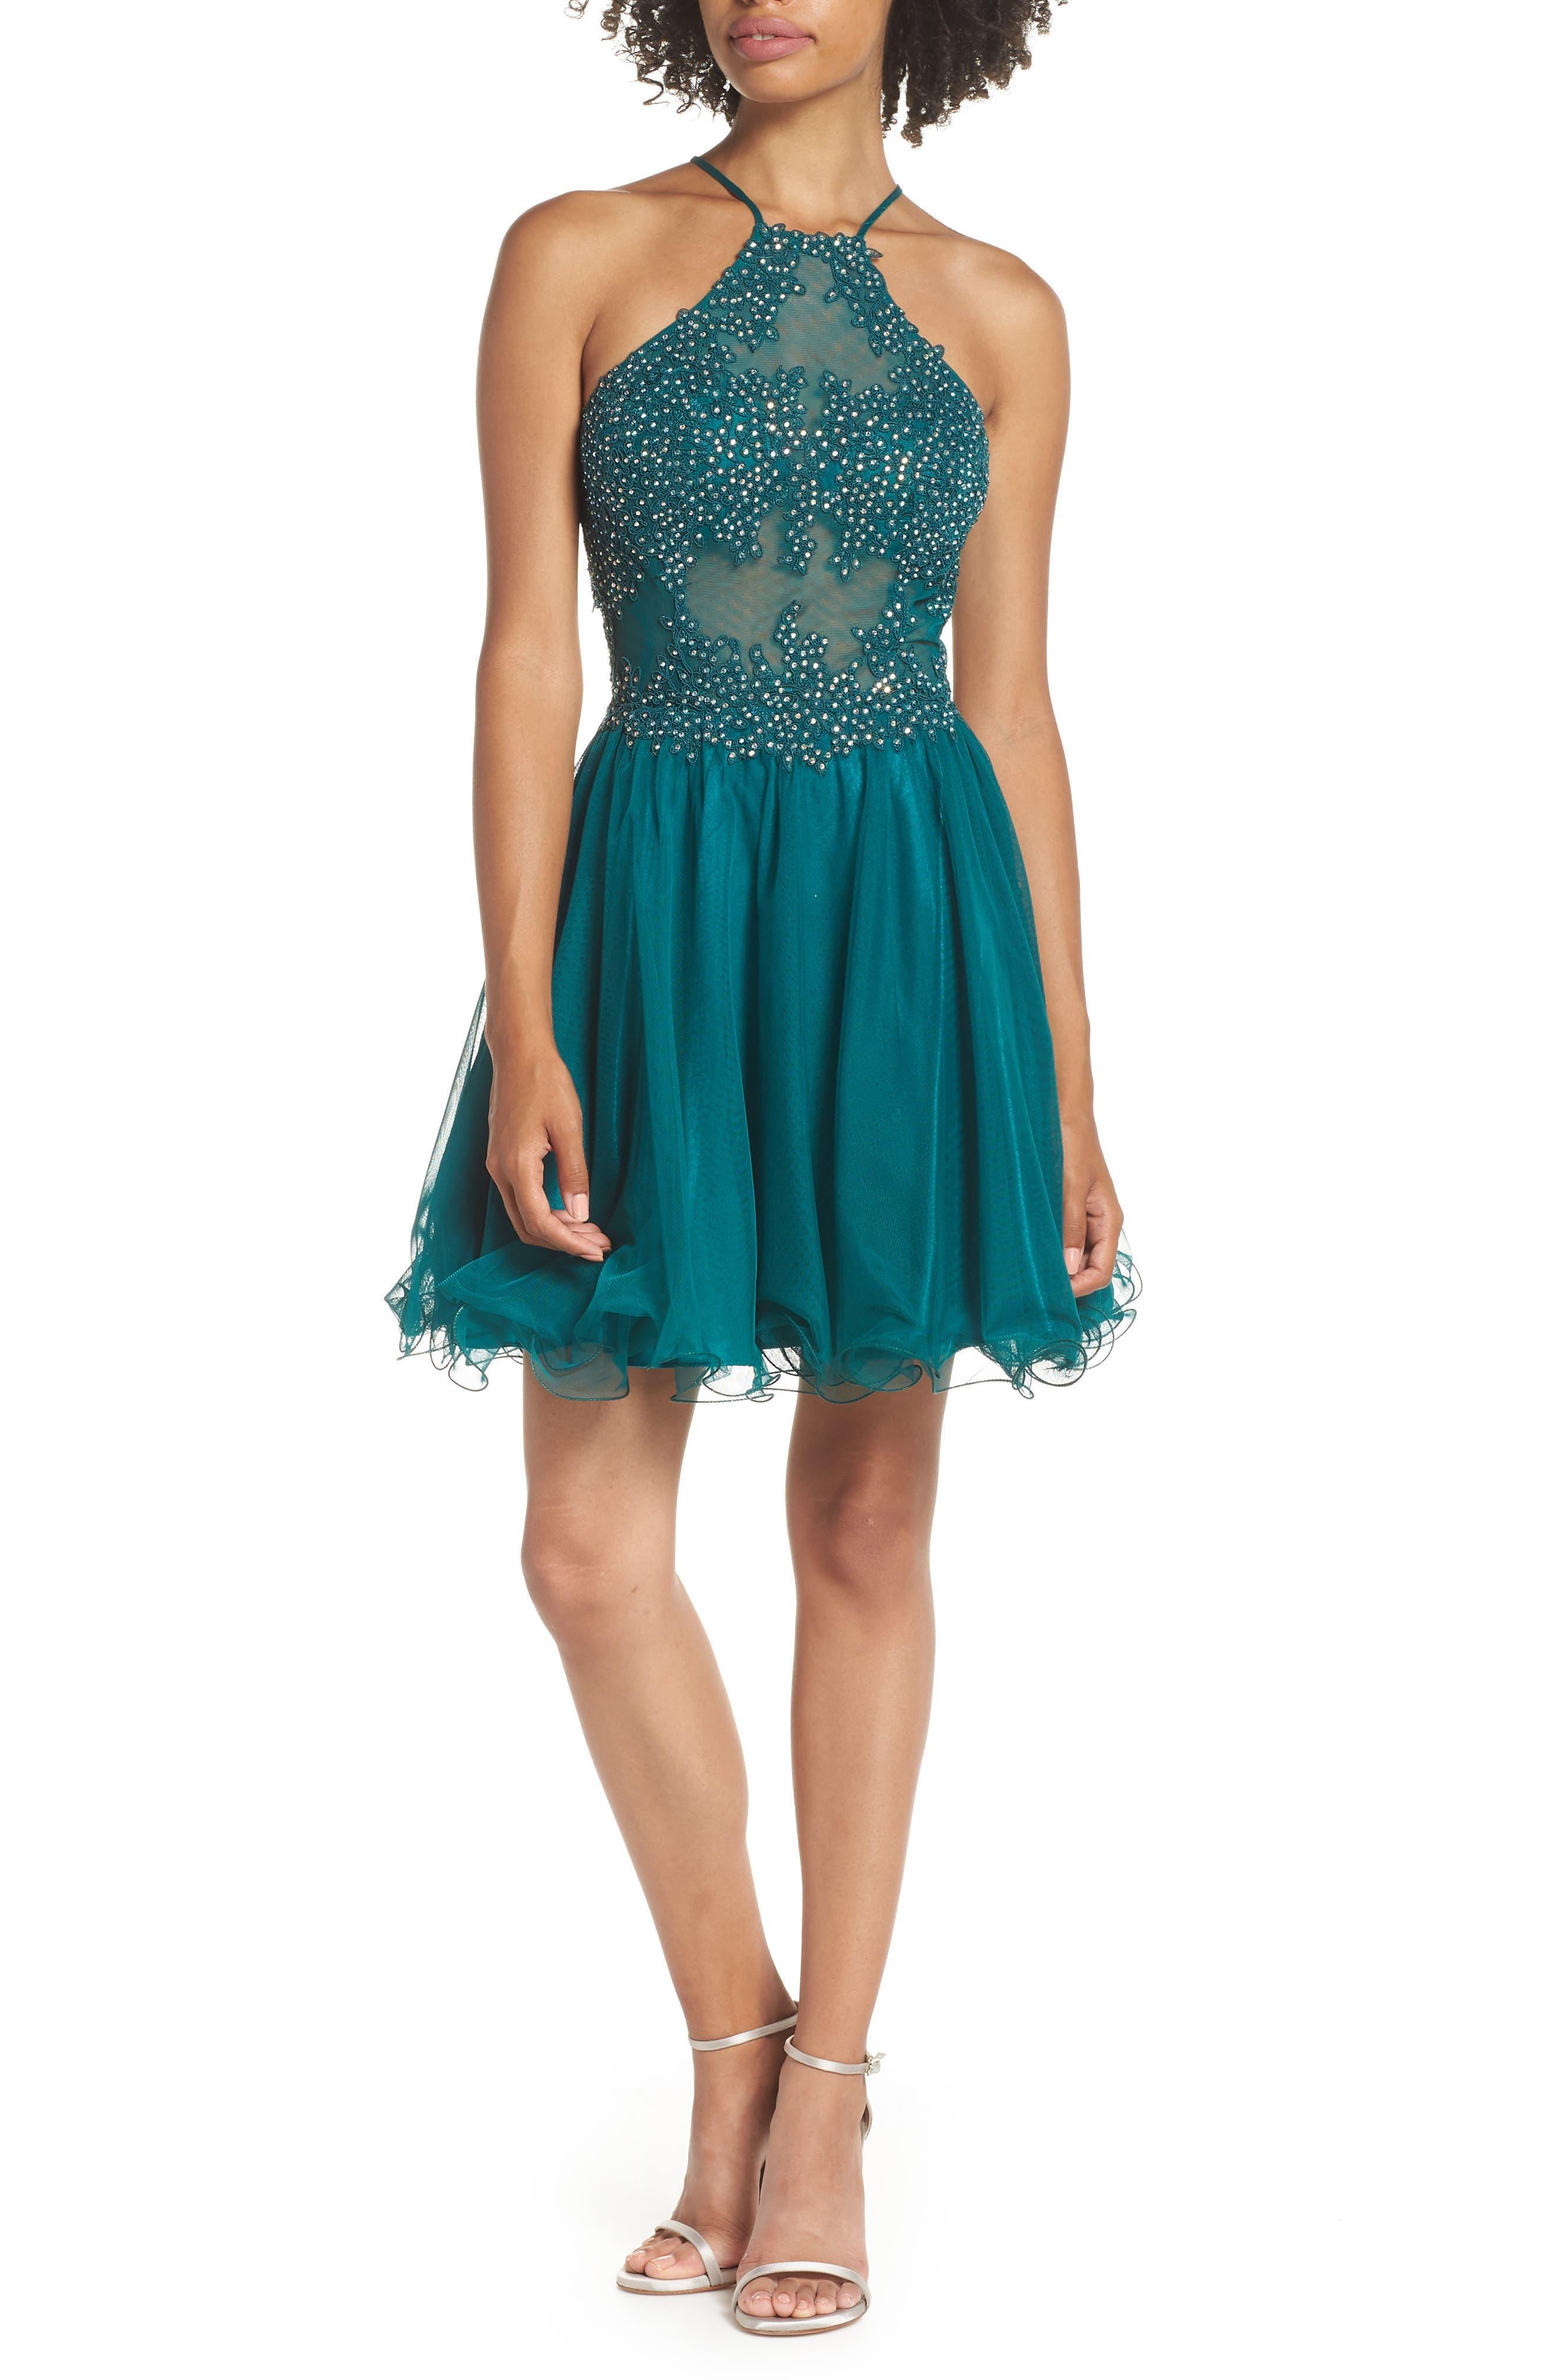 Blondie Nites Halter Neck Applique Mesh Party Dress, Green